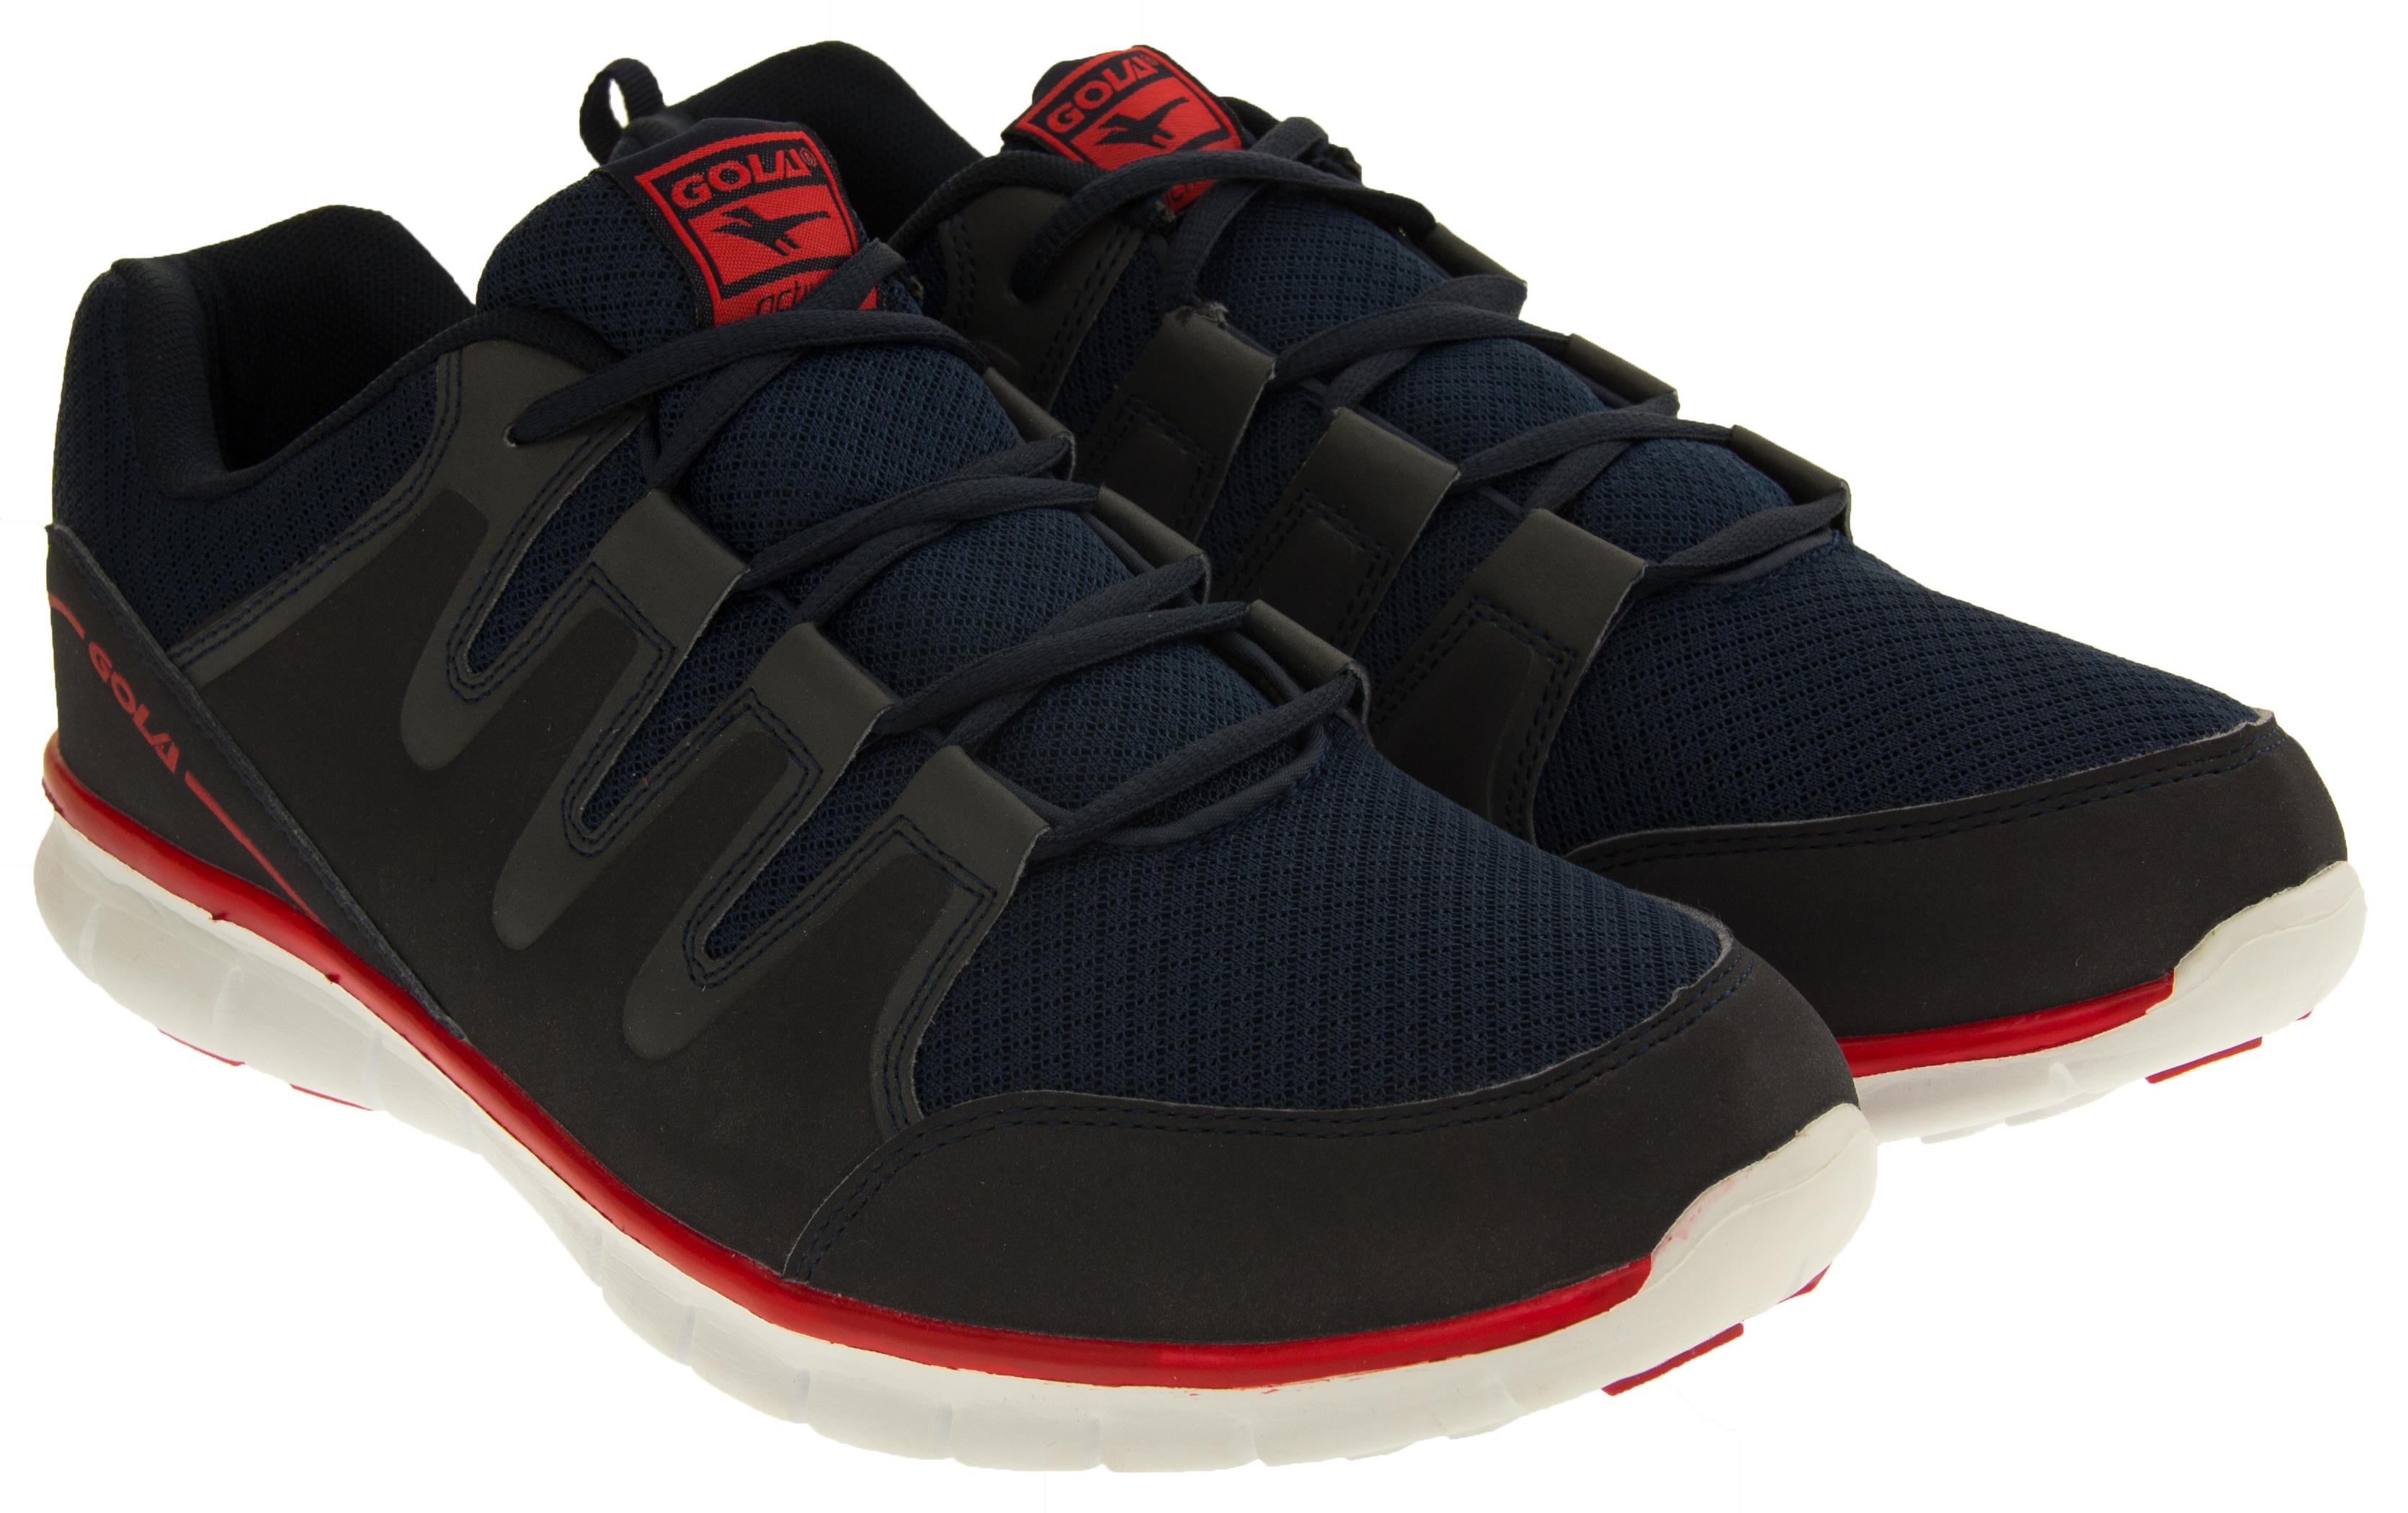 Mens Termas 2 Fitness Shoes Gola UYEapyT4Ql